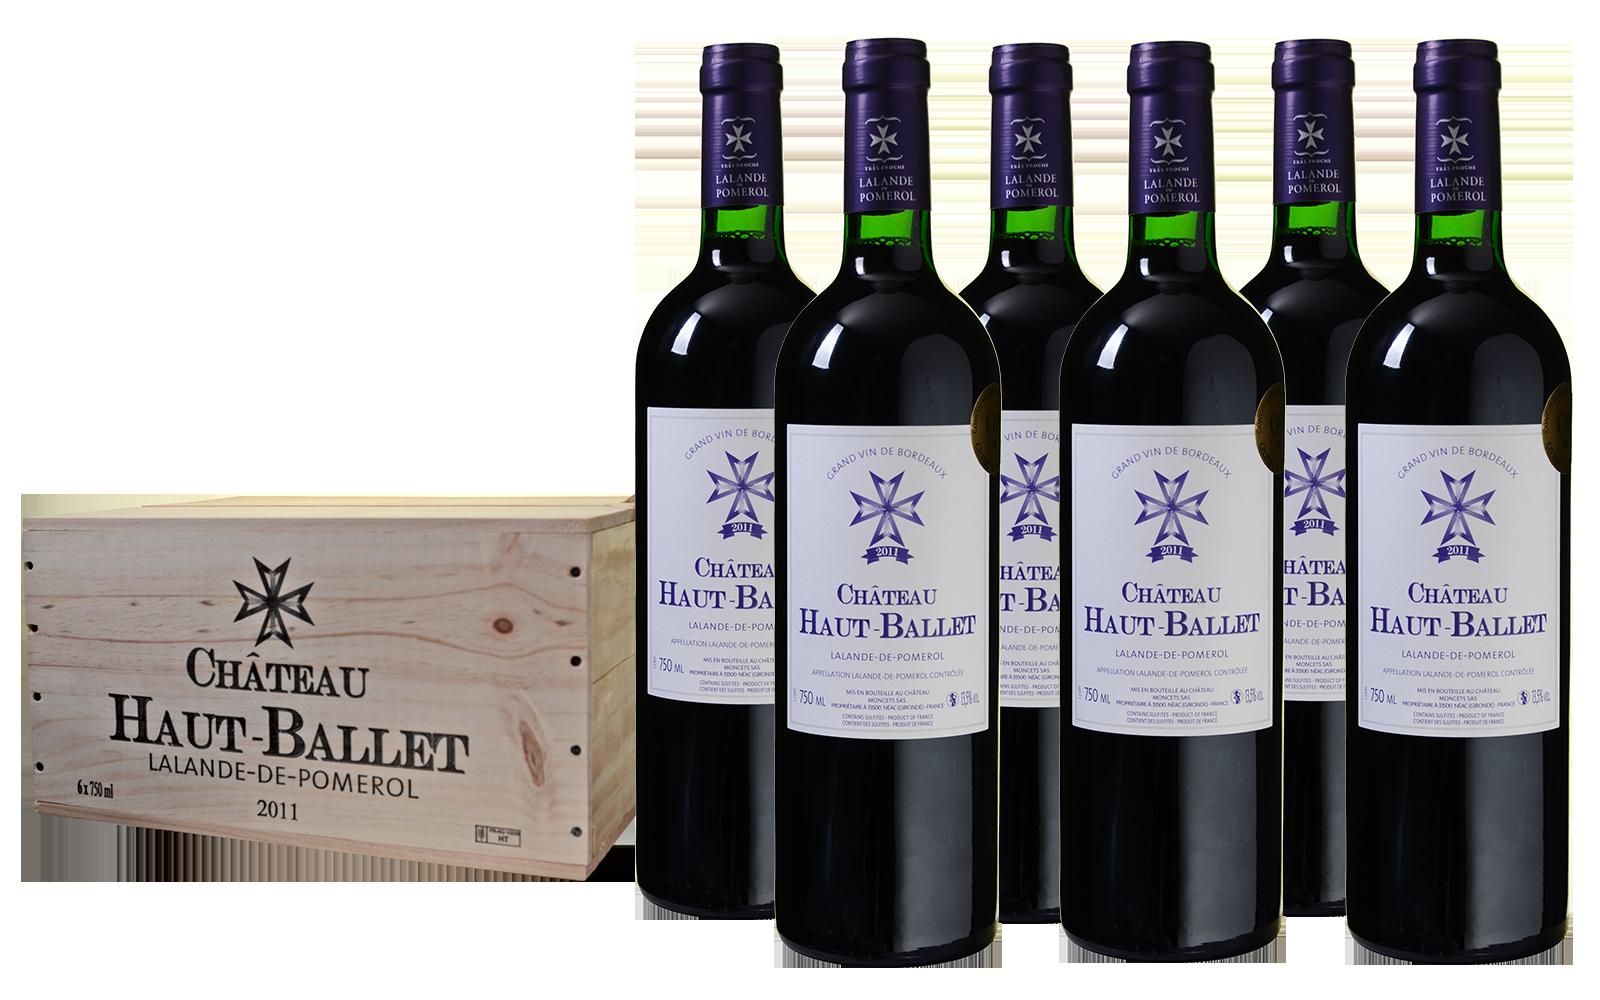 Château Haut-Ballet Lalande de Pomerol Kist